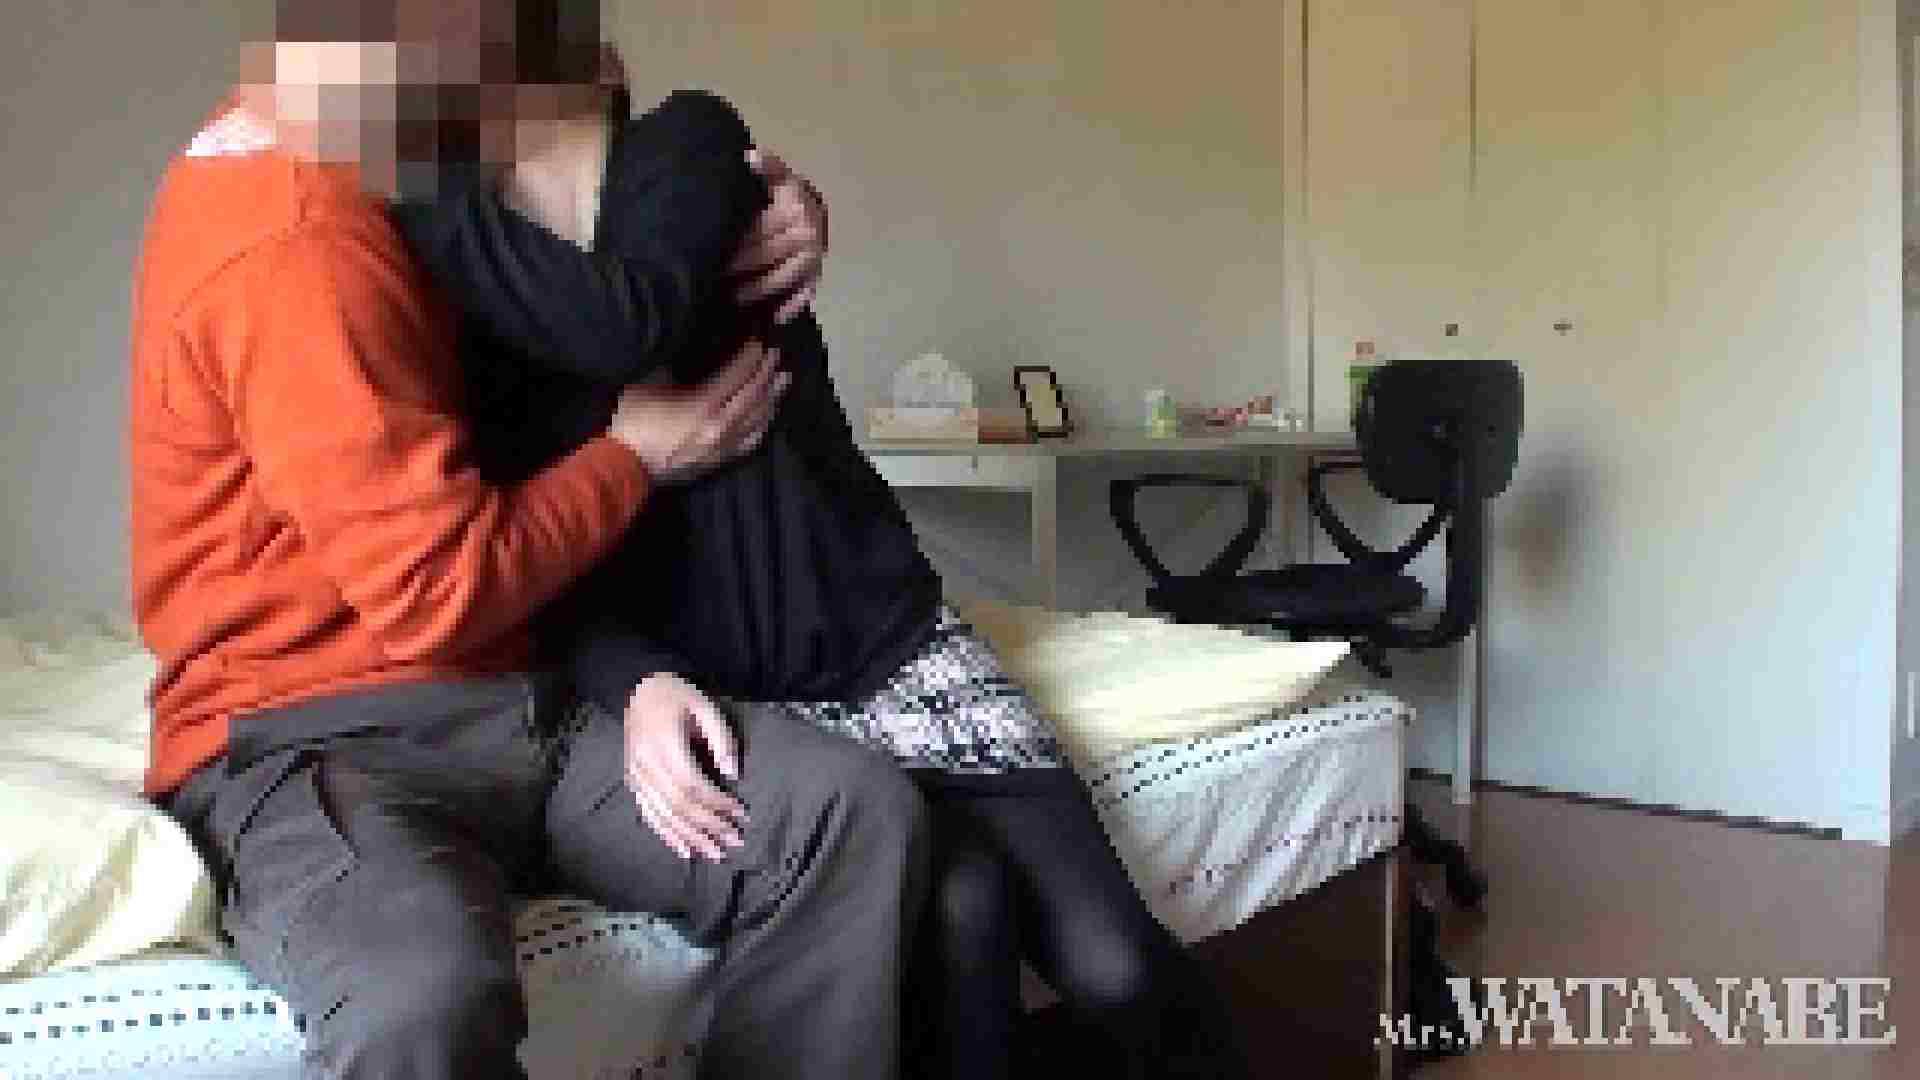 SNSで出会った人妻をハメ撮りしちゃいます 2回目 前編 投稿 | 人妻エロ映像  105pic 43